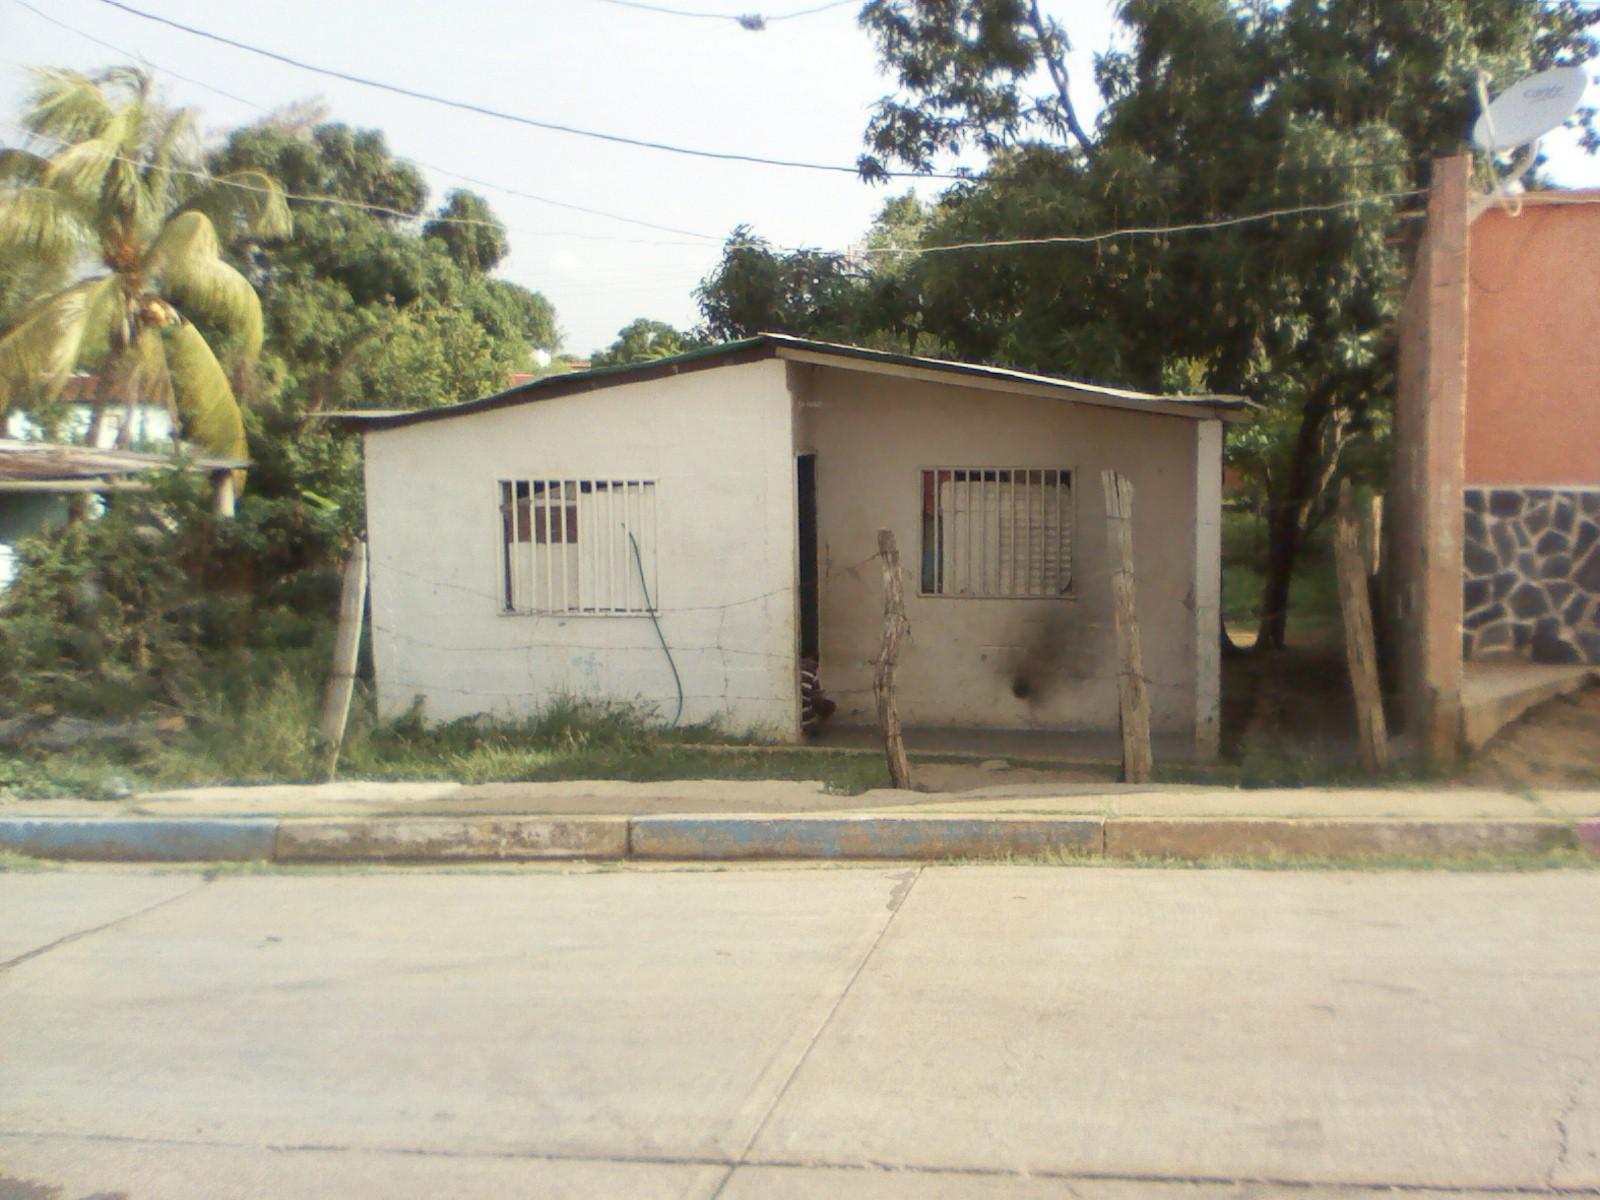 En esta vivienda ubicada en la calle Camoruco con Orituco residen los dos menores infractores junto a seis de sus hermanitos